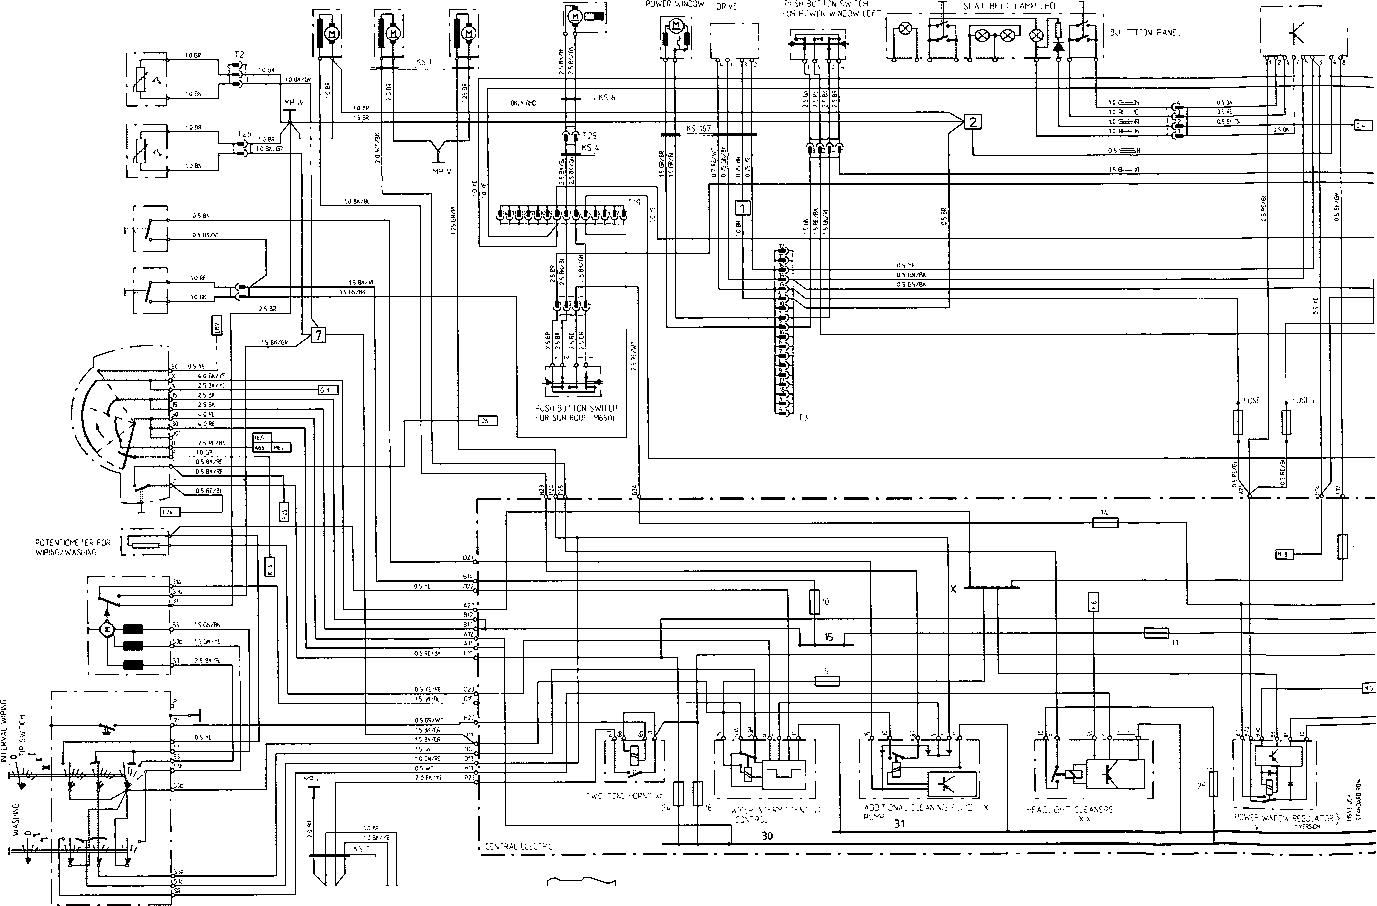 porsche 944 wiring diagram   26 wiring diagram images